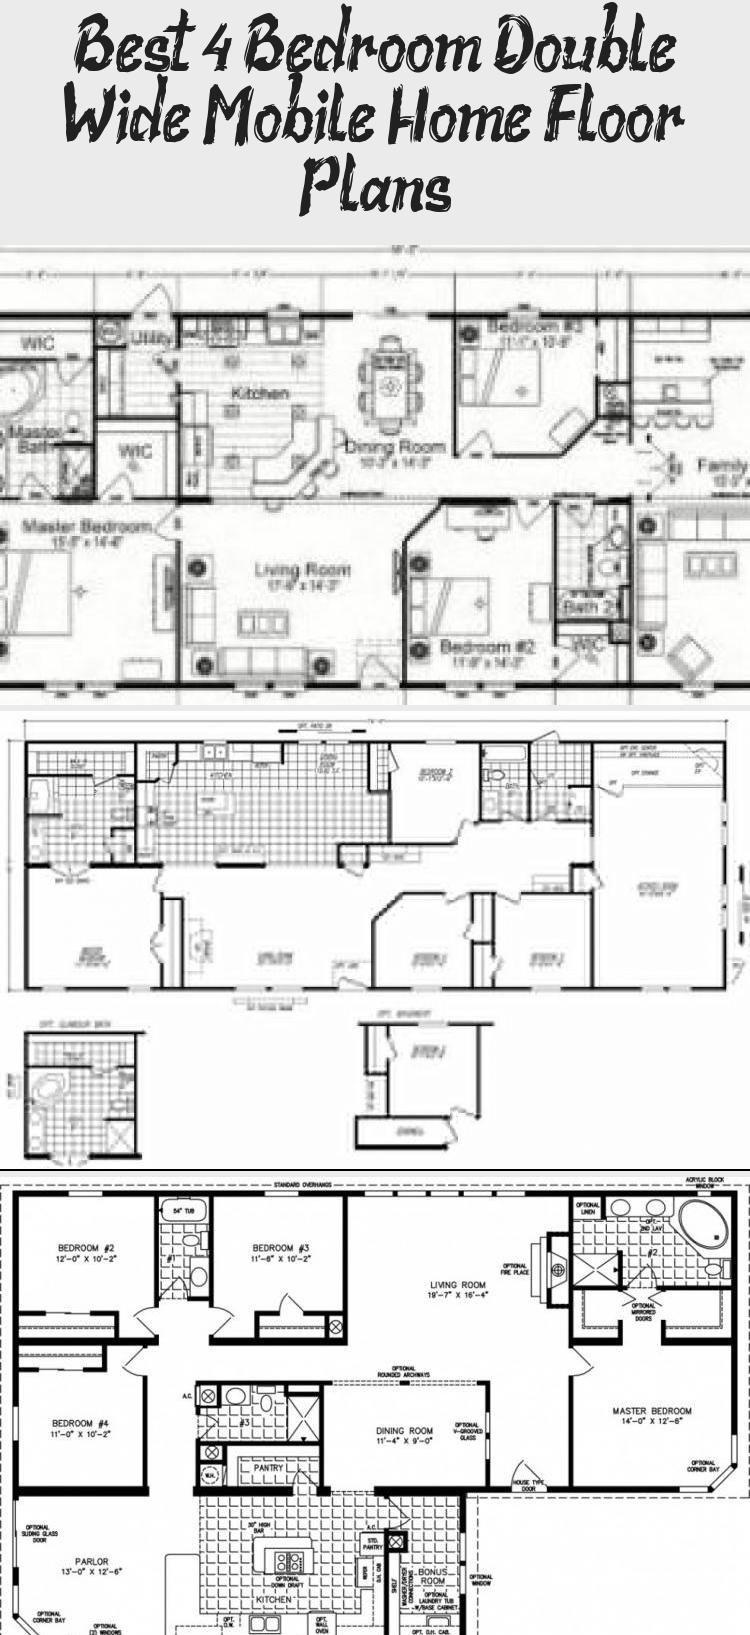 Double Wide Floor Plans 4 Bedroom Google Search Dreamin Regarding 4 Bedroom Double Wide Mobile Home F Mobile Home Floor Plans House Floor Plans Floor Plans